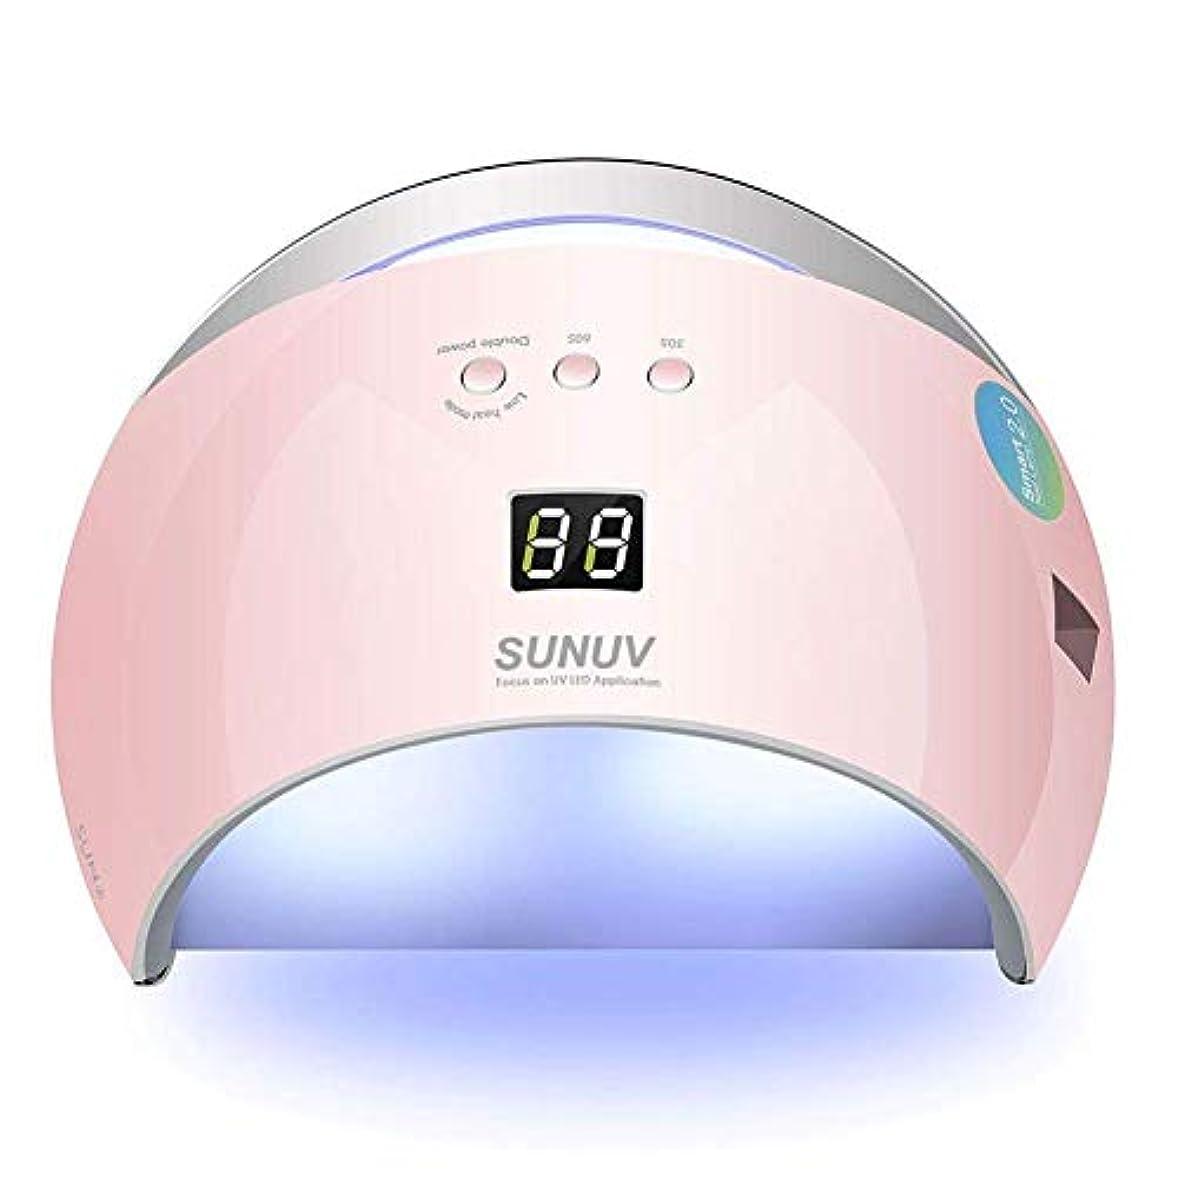 どんよりしたチーズ口径ネイルドライヤーSUN6 48WネイルドライヤーオートセンサーポータブルUVランプ乾燥用低発熱モデルダブルパワーファストマニキュアネイルランプ、画像としての色